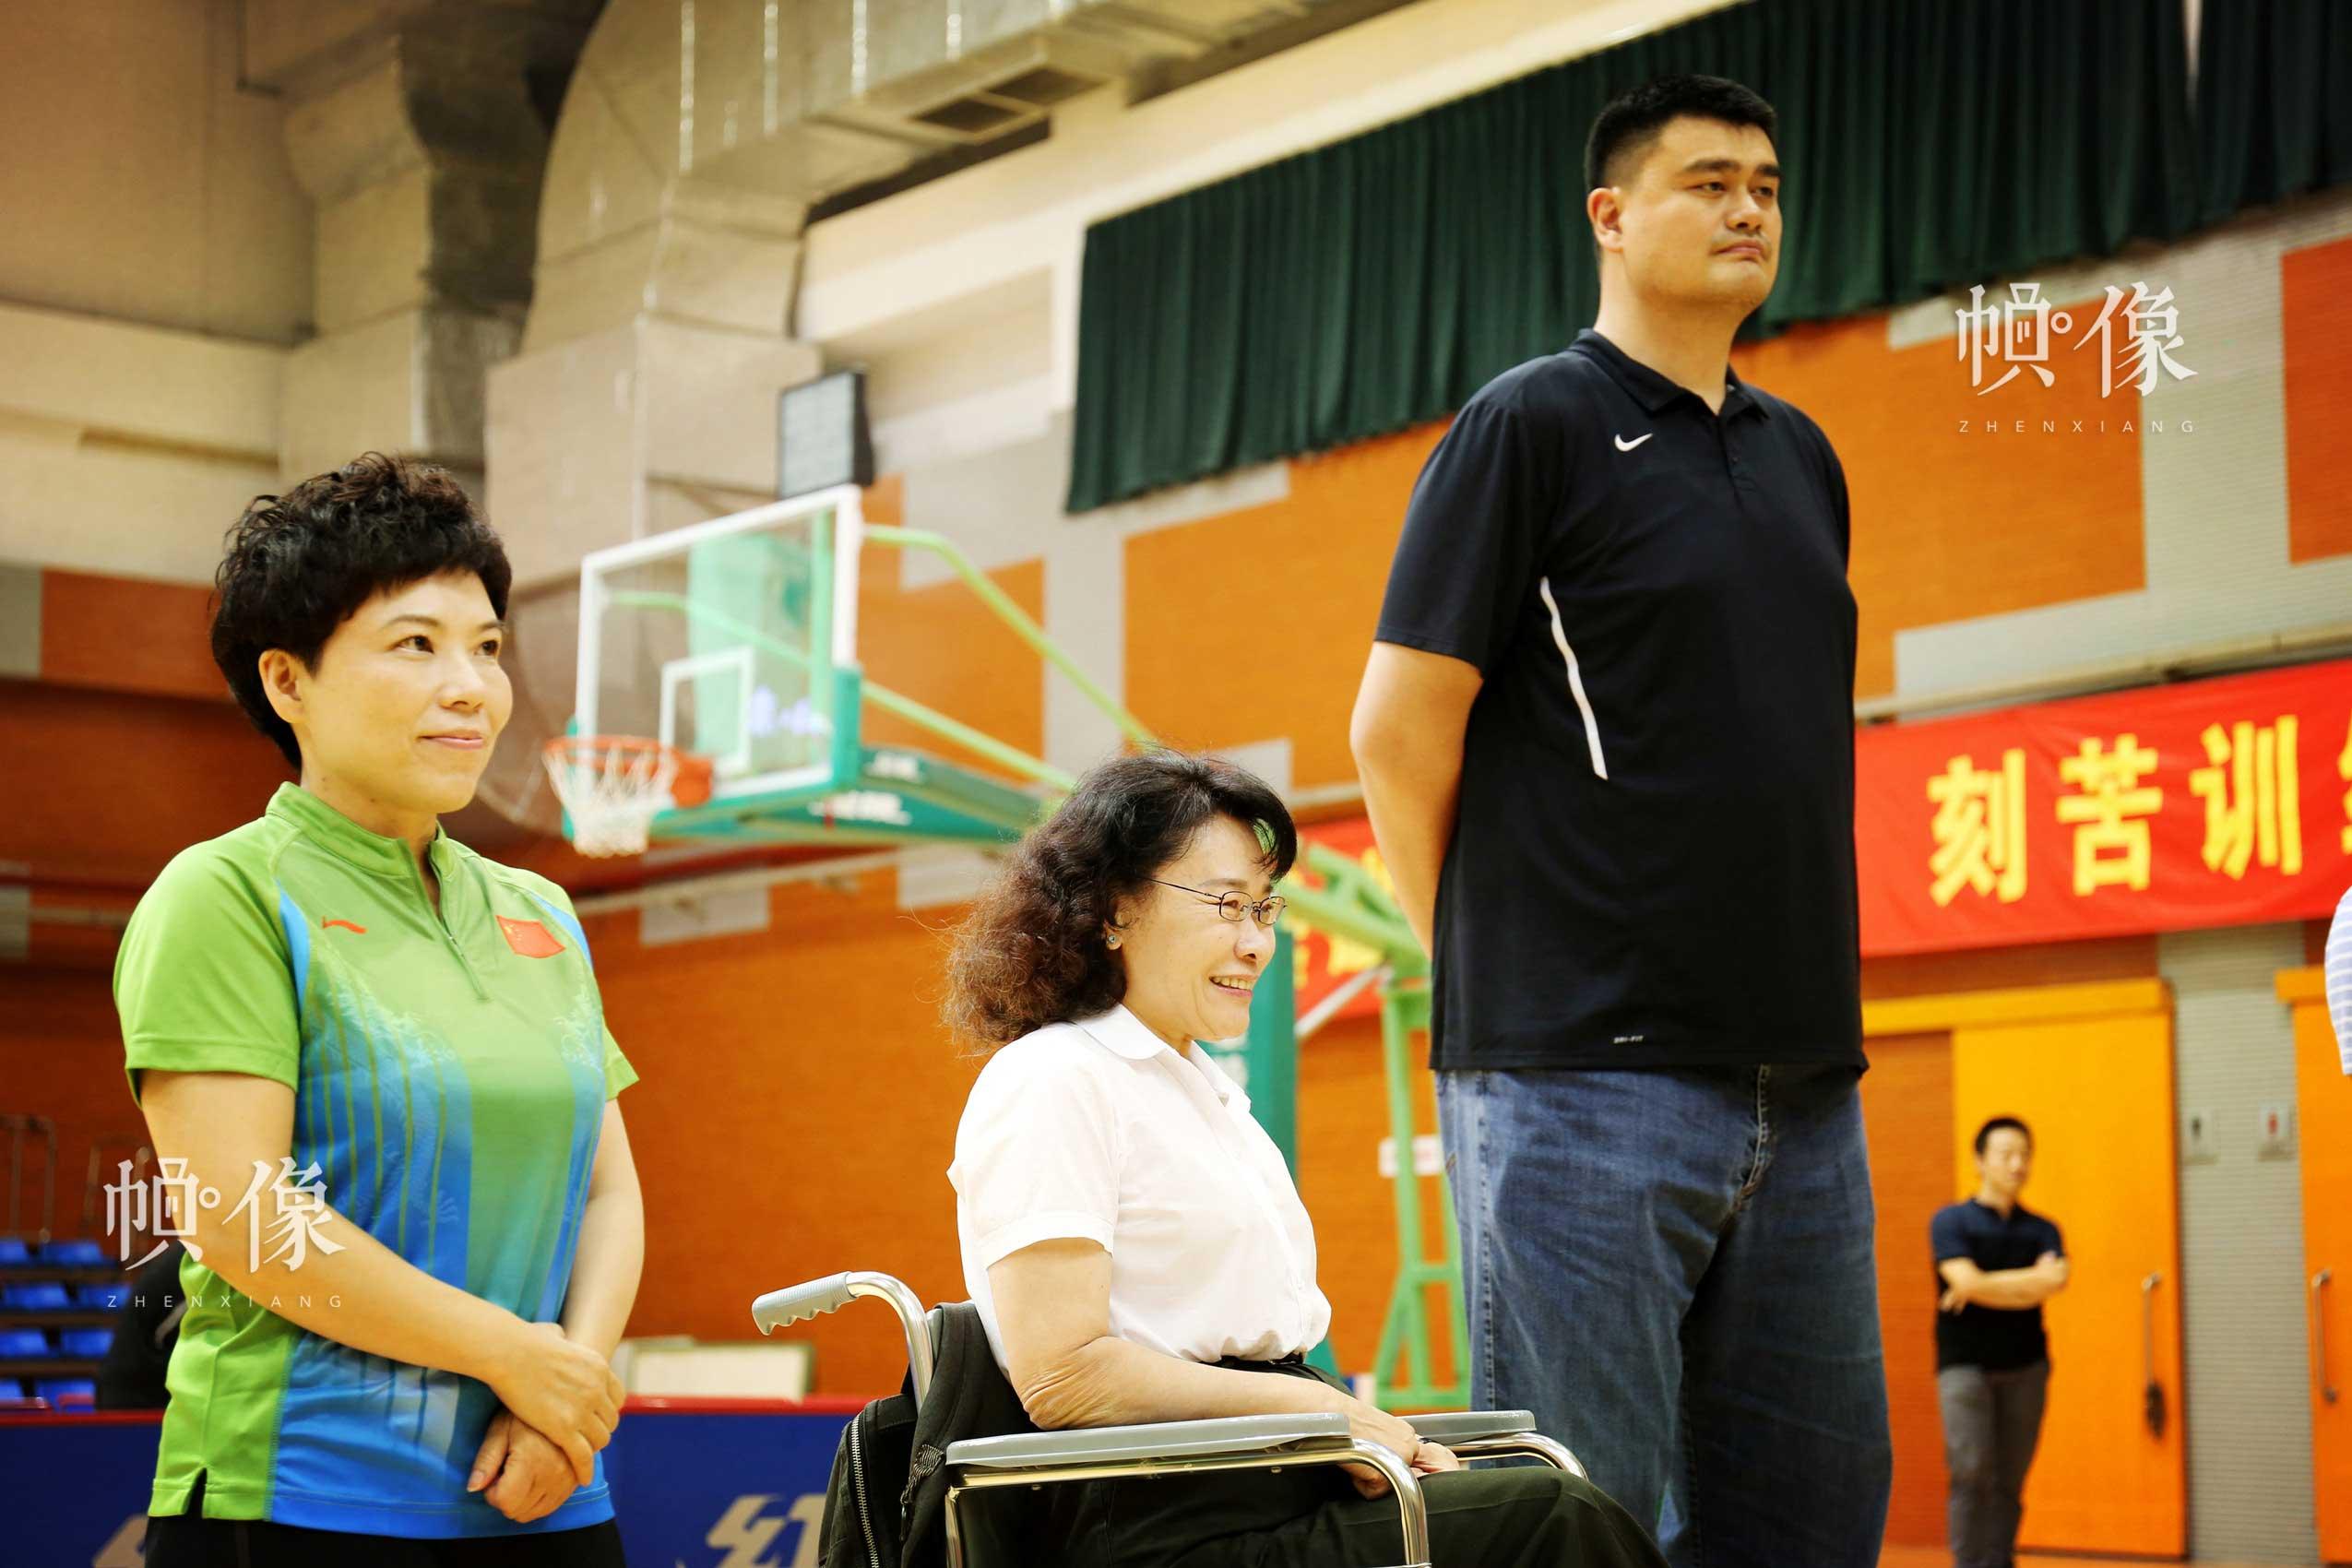 2017年8月10日,第七届残疾人健身周推广日活动在京举行。图为中国残联主席、中国残奥会主席张海迪(左二)、中国篮球协会主席姚明(右一)、邓亚萍(左一)出席活动。中国网记者 王梦泽 摄